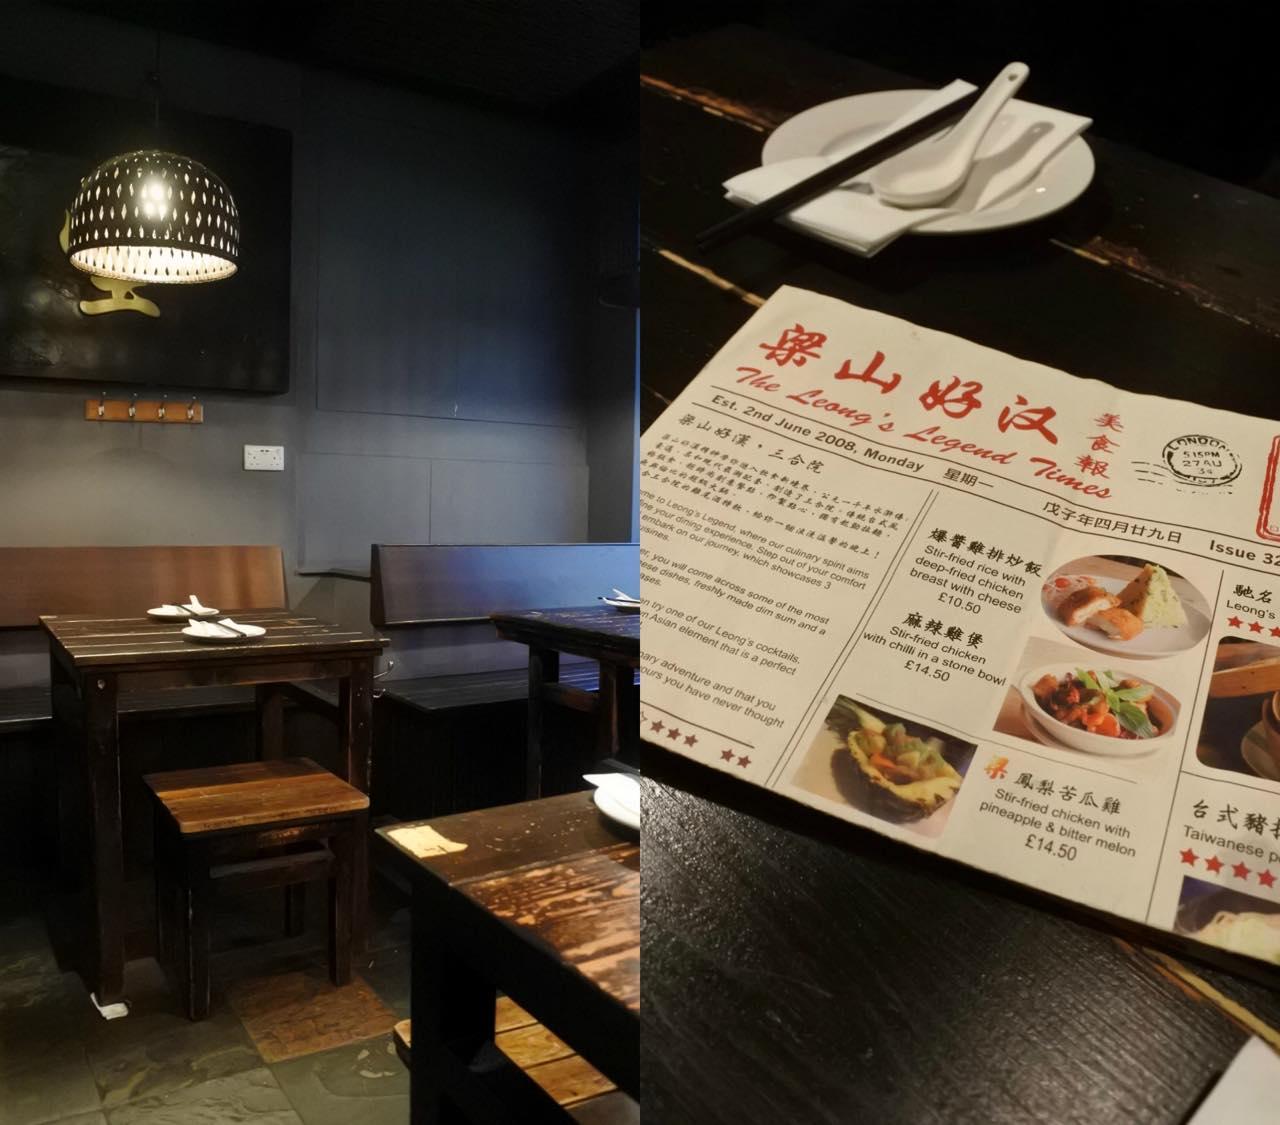 垢抜けないインテリアが多いチャイナタウンのレストラン業界に、コンテンポラリーな感覚を持ち込んだインテリアも話題になりました